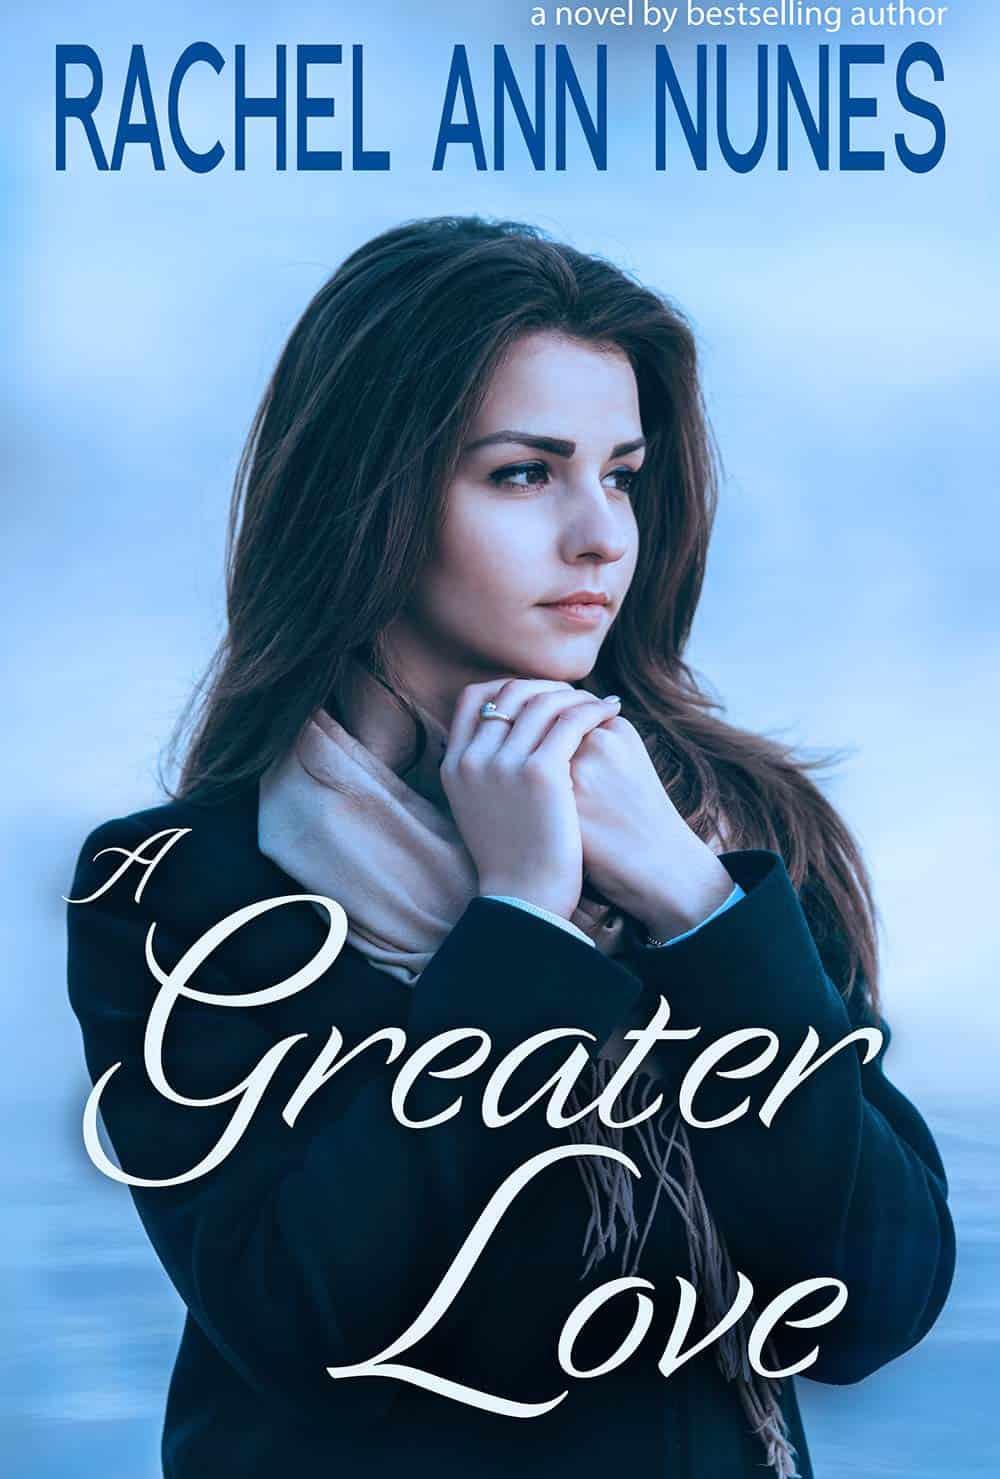 A Greater Love by Rachel Ann Nunes